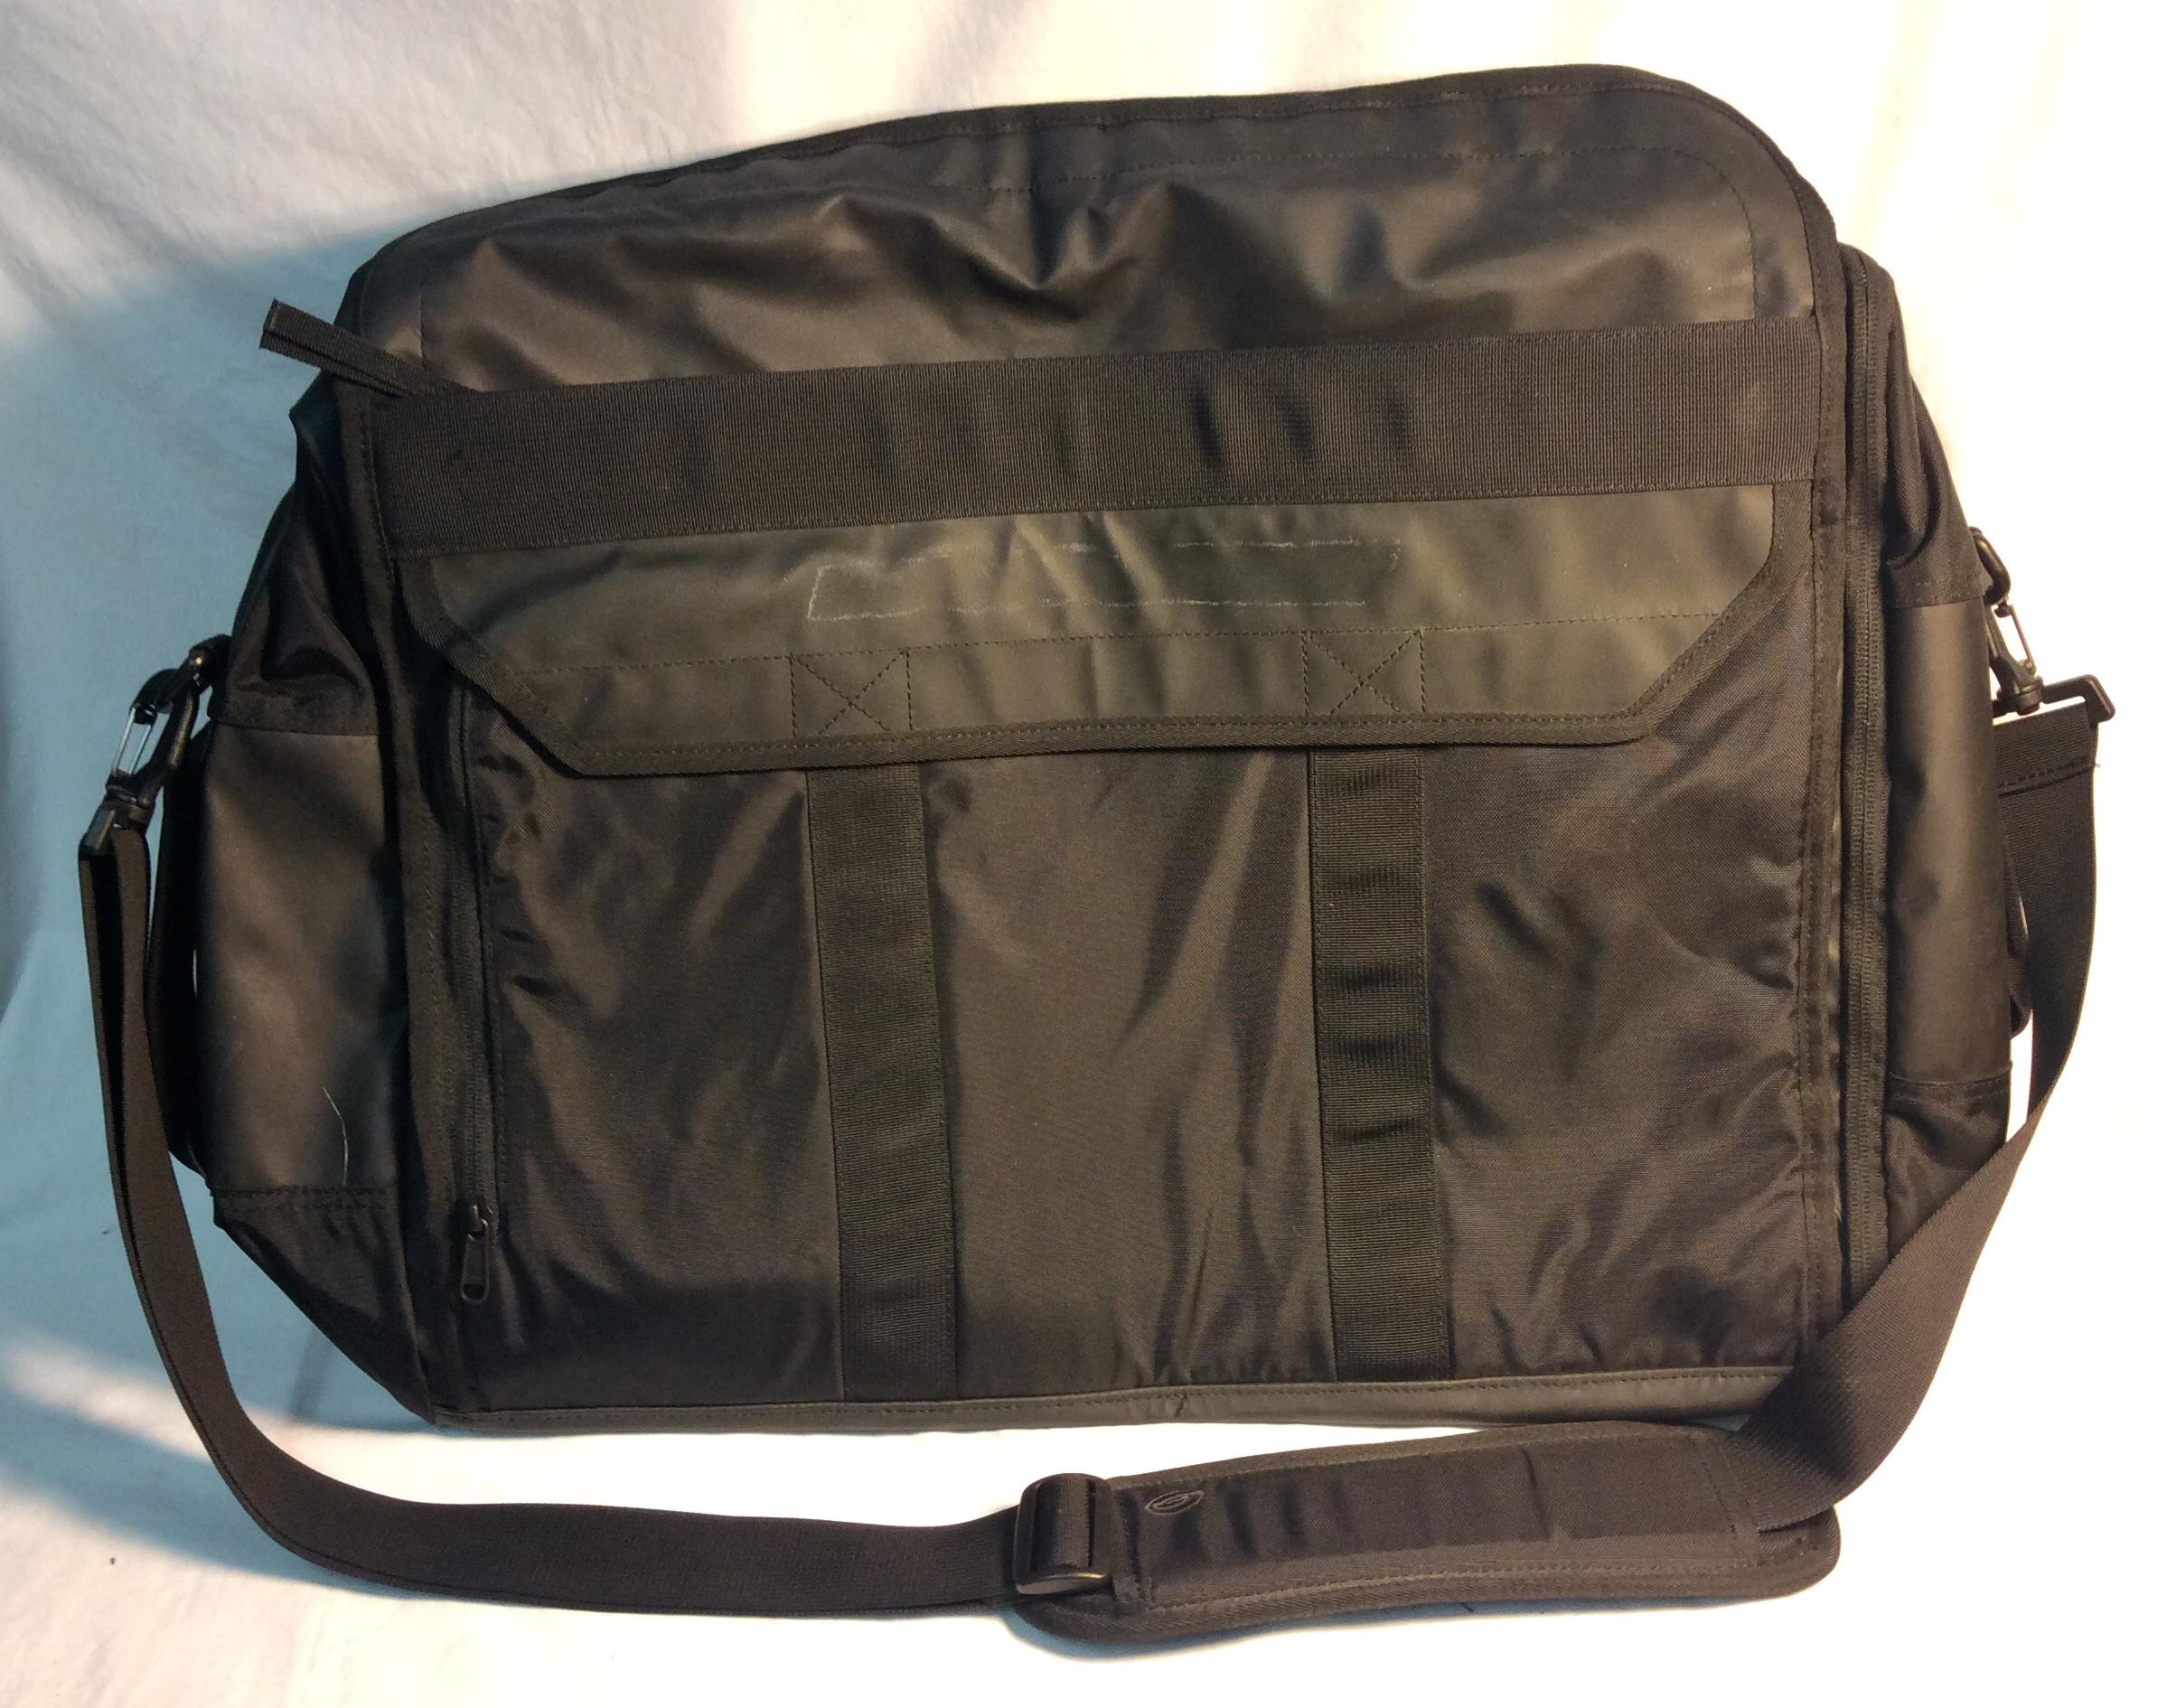 Big black greeked side bag